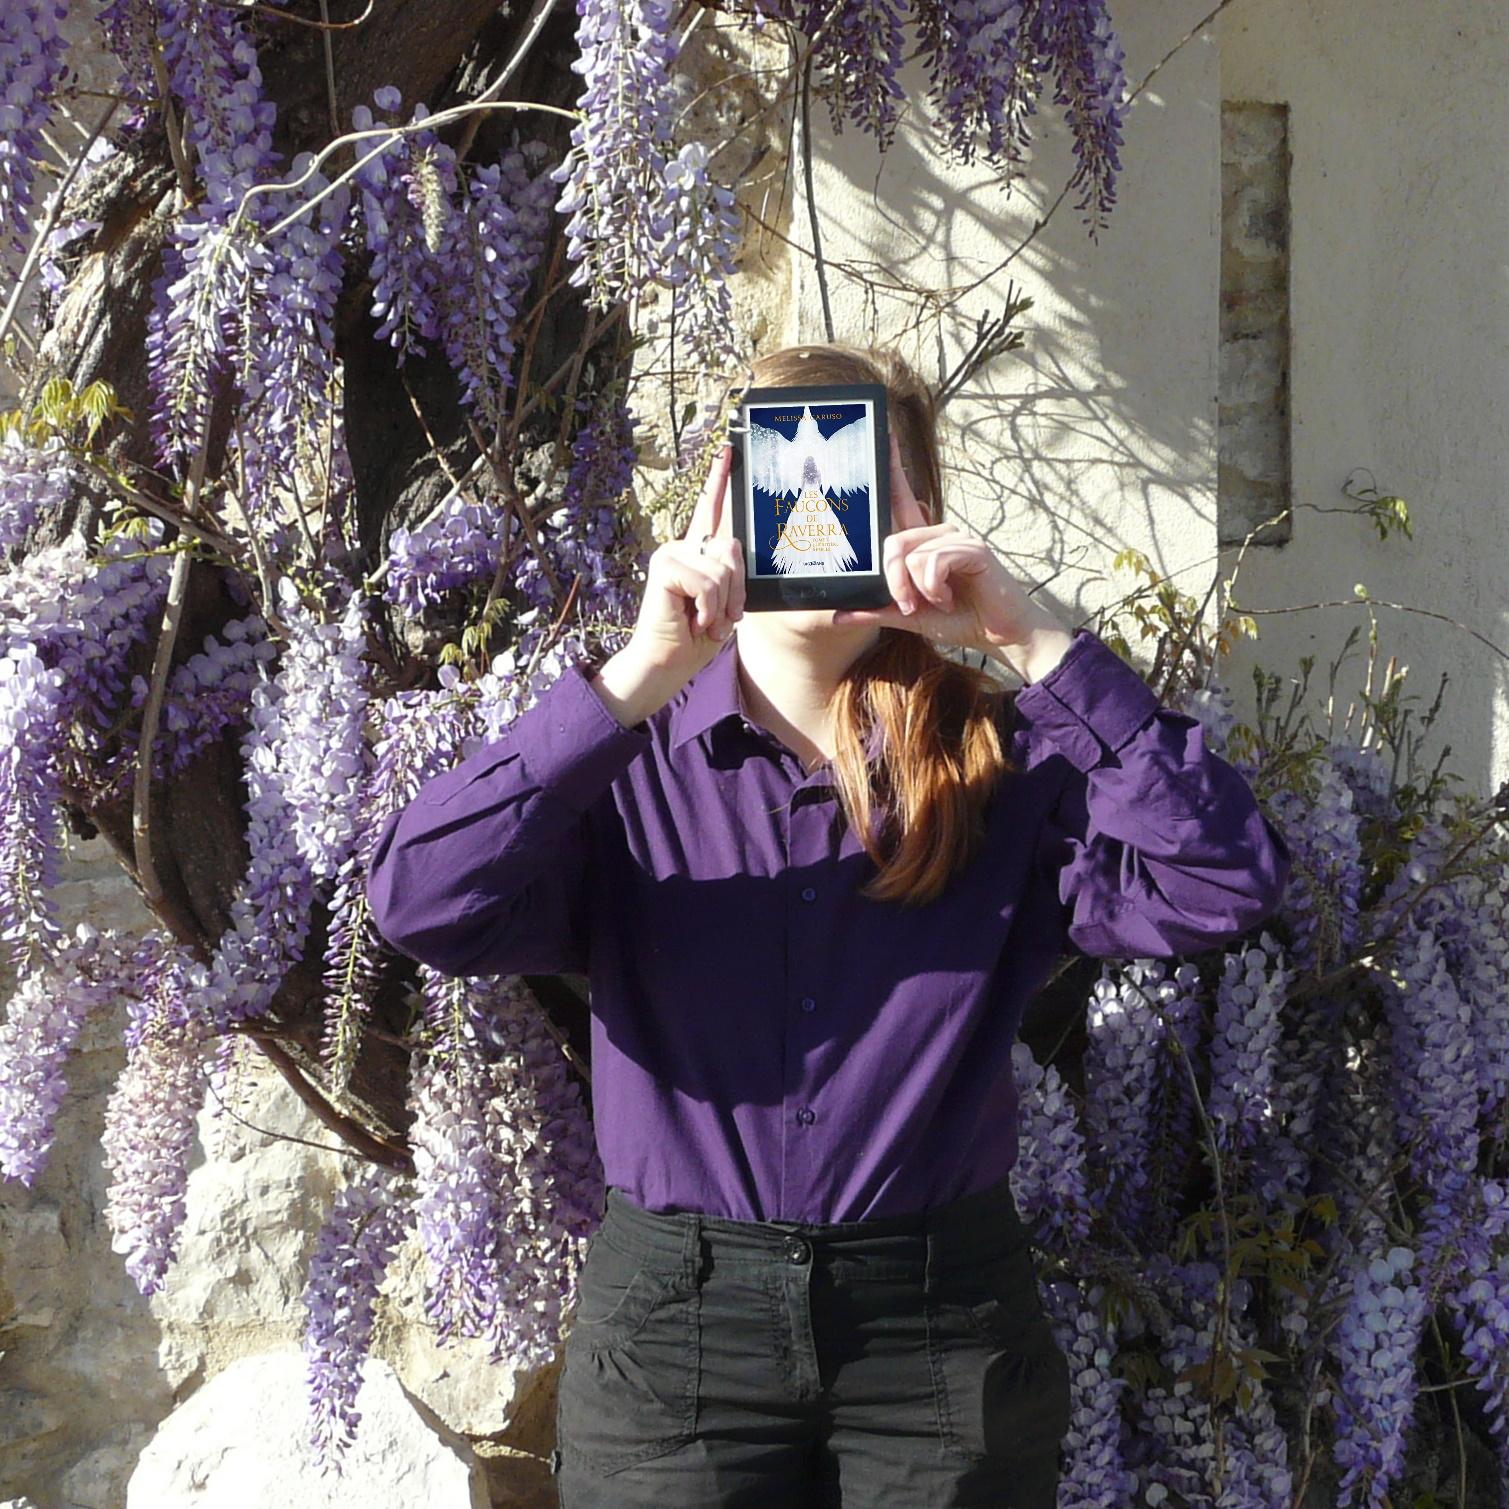 personne en chemise violette lisant L'héritière Rebelle de Melissa Caruso devant une vigne tortueuse couverte de fleurs violettes